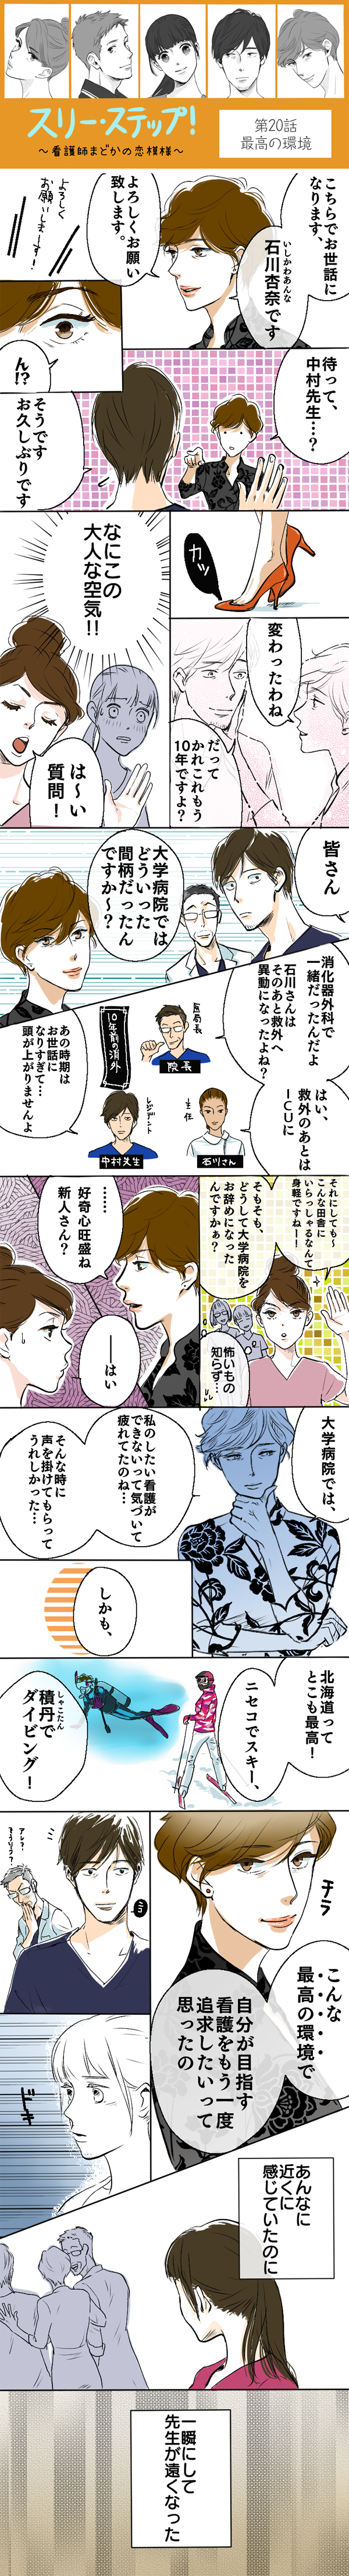 新しく赴任してきた石川師長は中村先生と親しげな様子。怖いもの知らずの愛菜は質問ぜめ。「最高の環境で自分が目指す看護をもう一度追及したい」という師長。まどかは疎外感を感じてしまう。